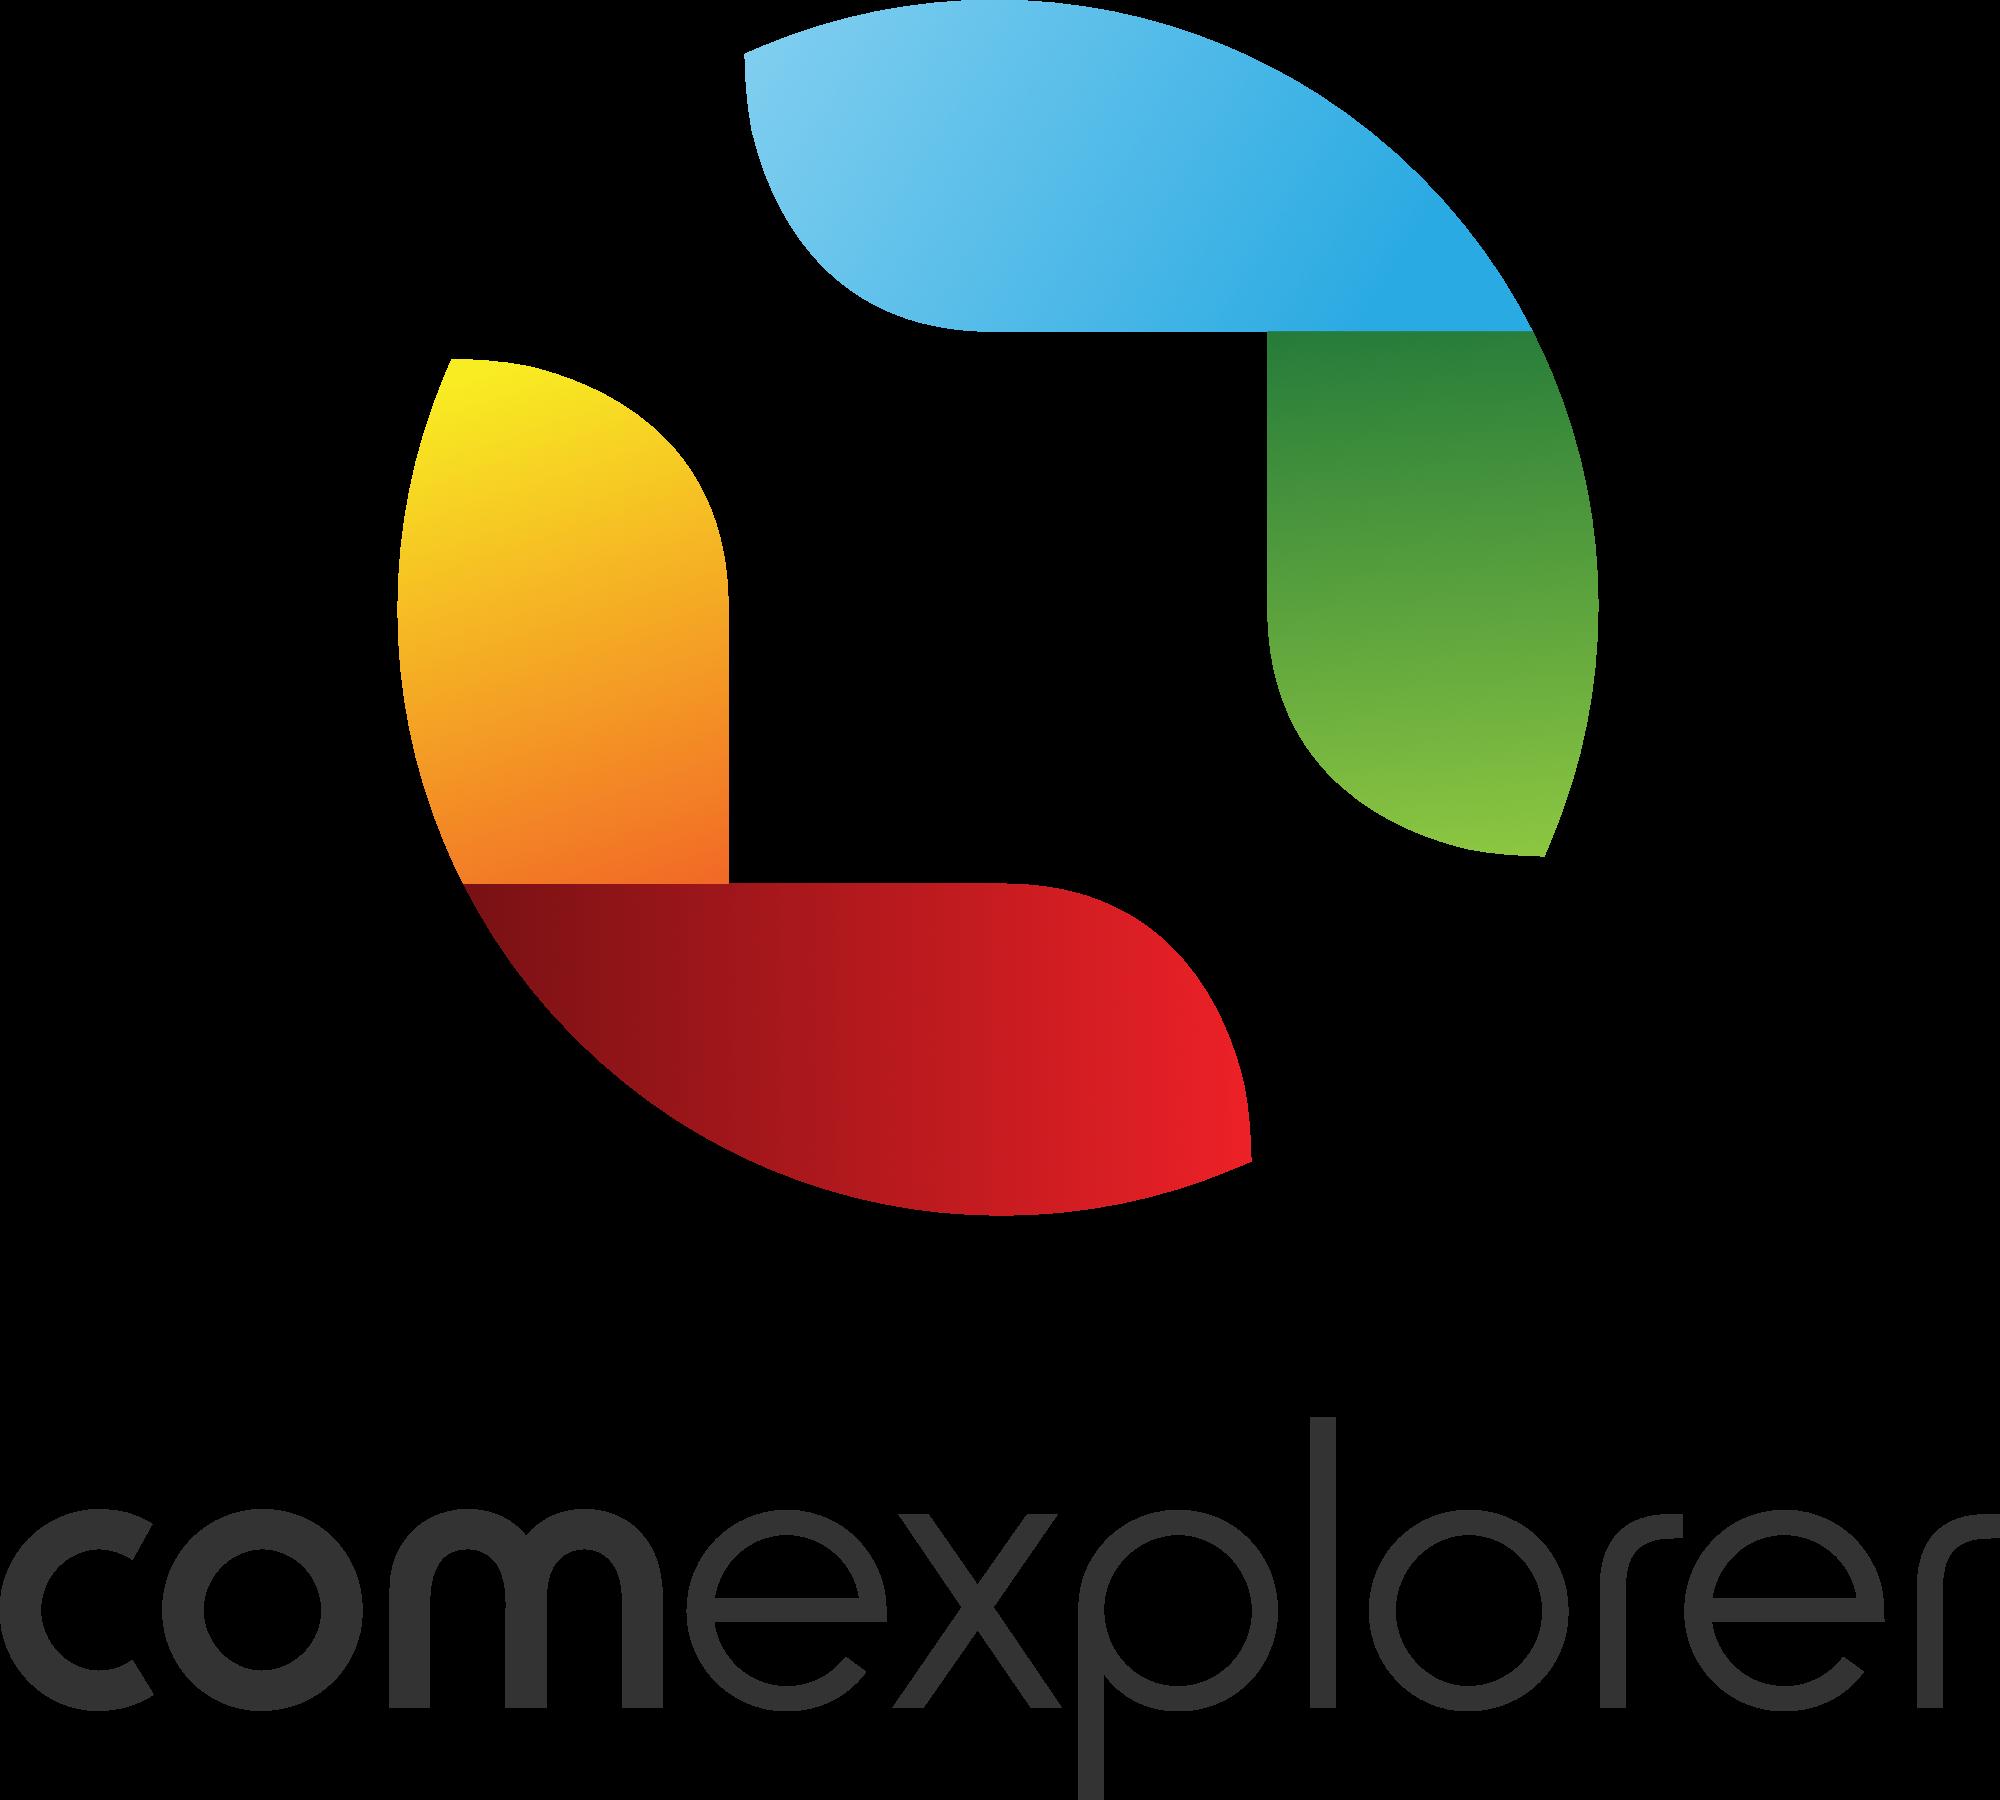 comexplorer-logo.png